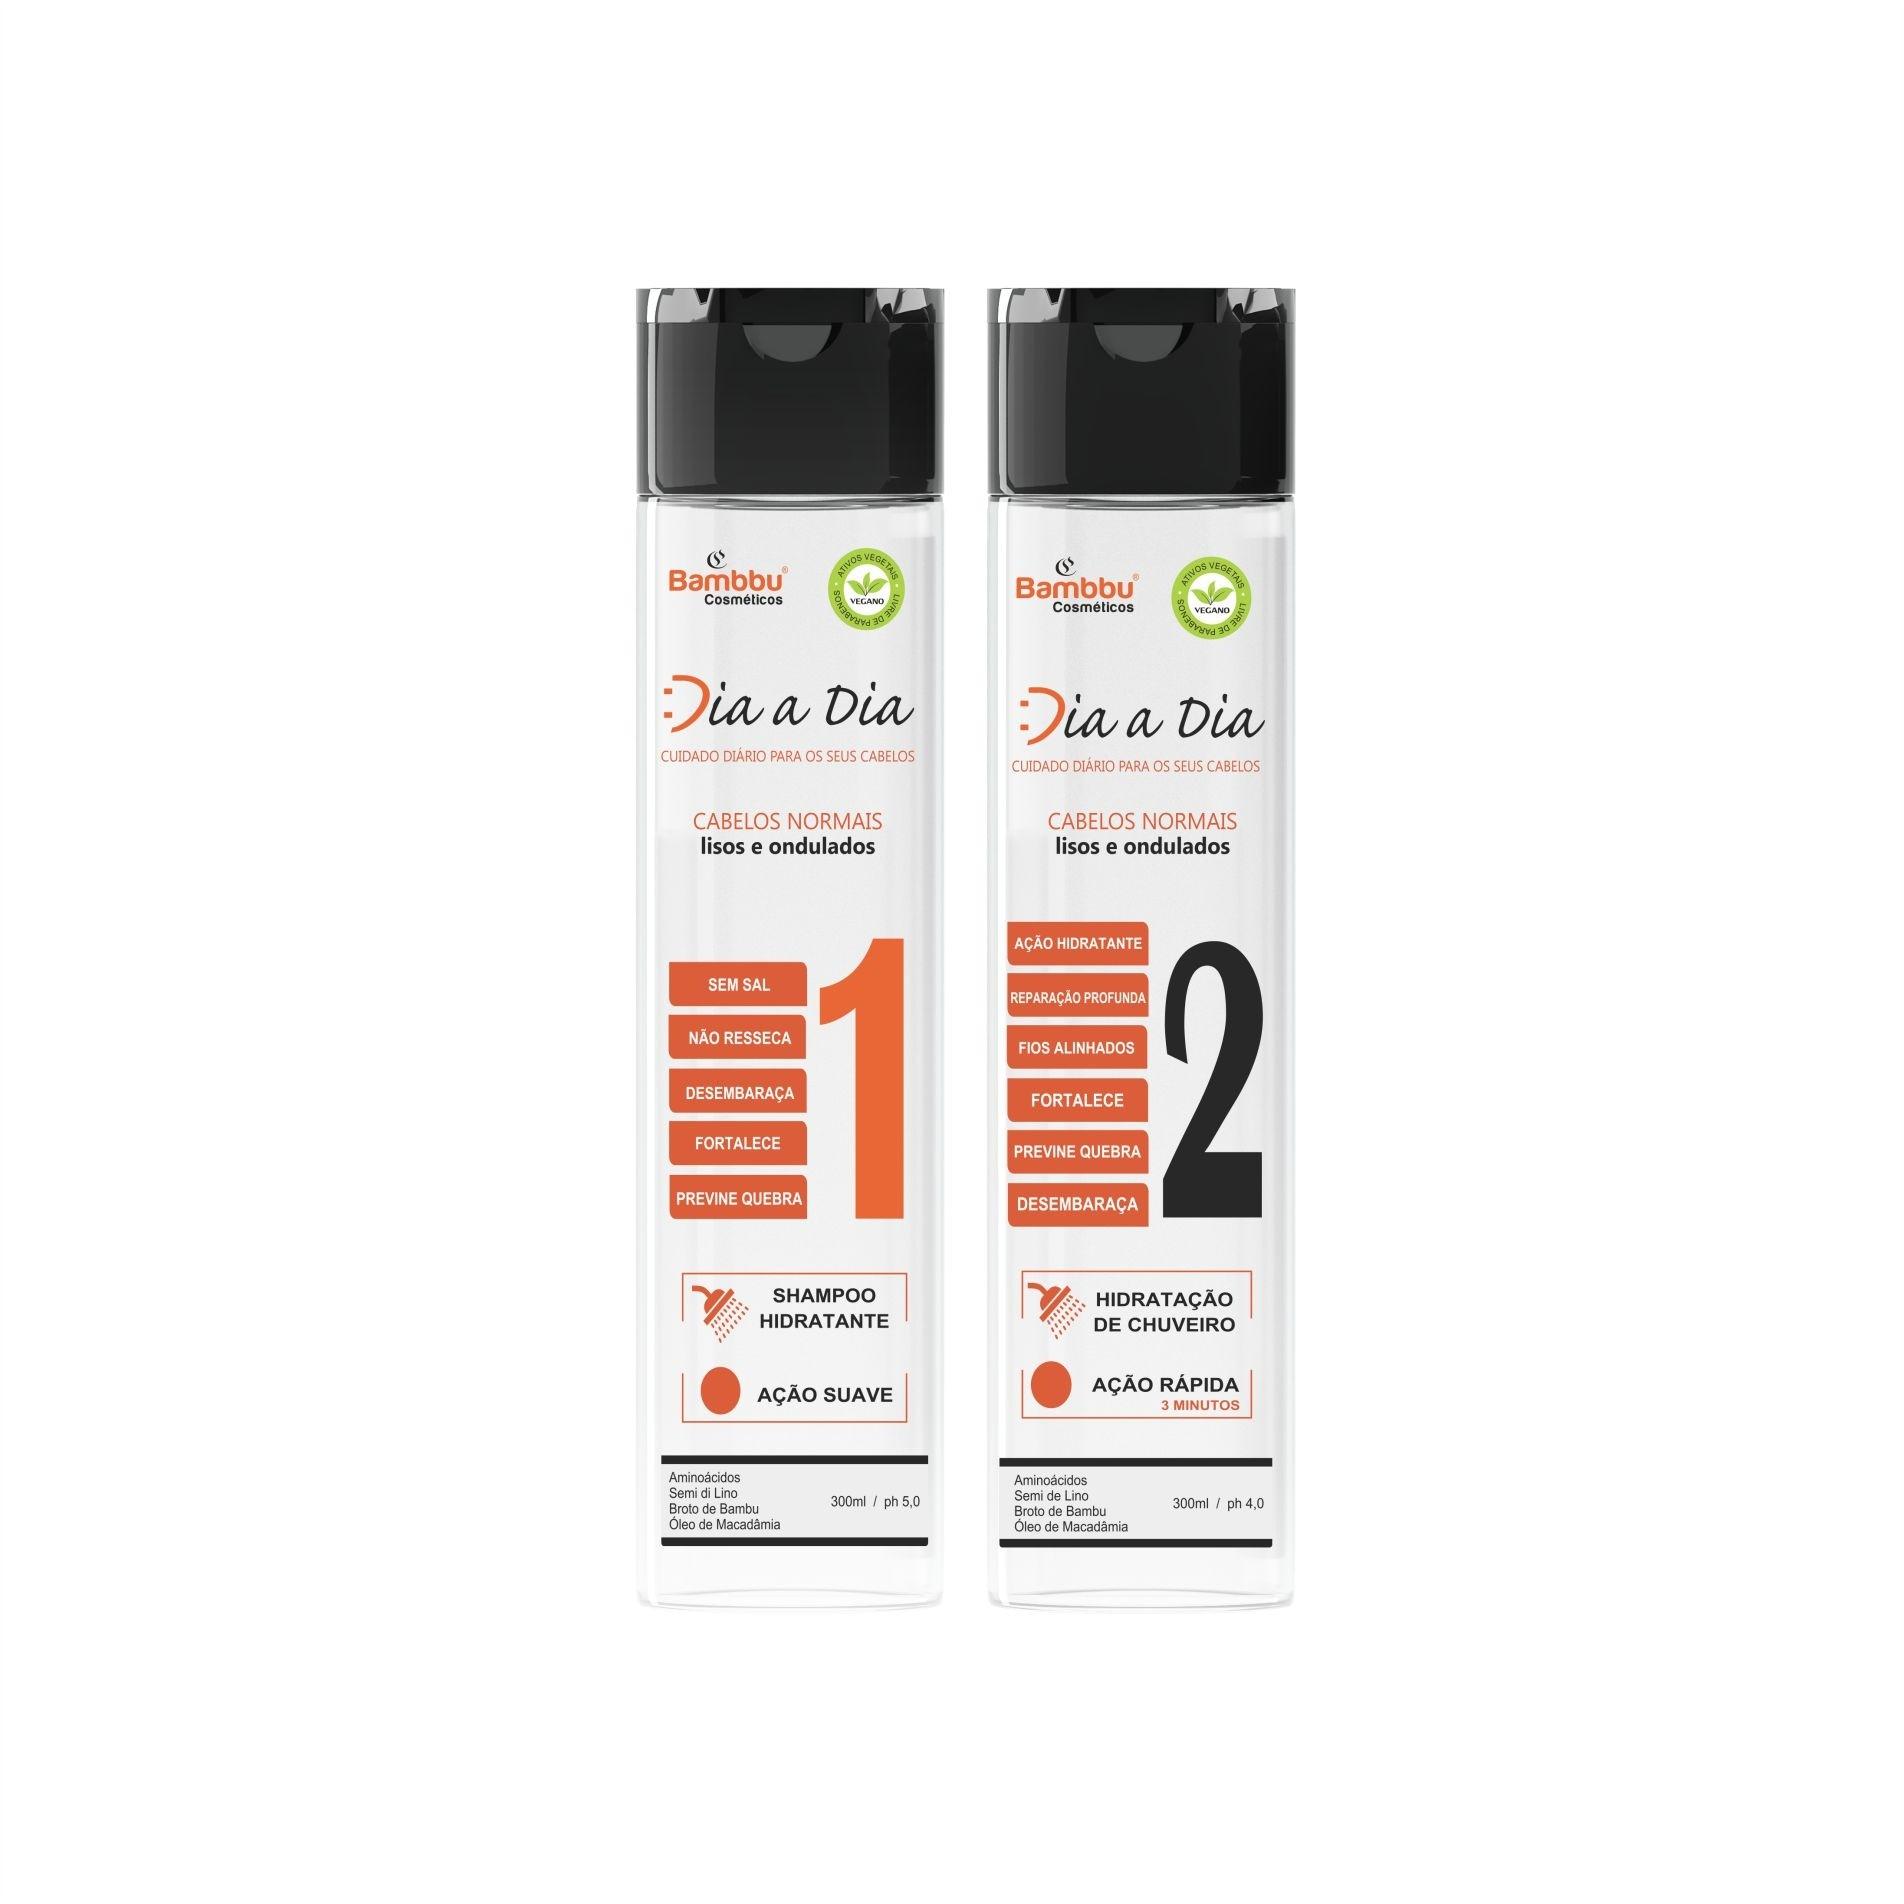 Kit Manutenção Diária - Shampoo e Condicionador Hidratante para Cabelos Brancos e Grisalhos